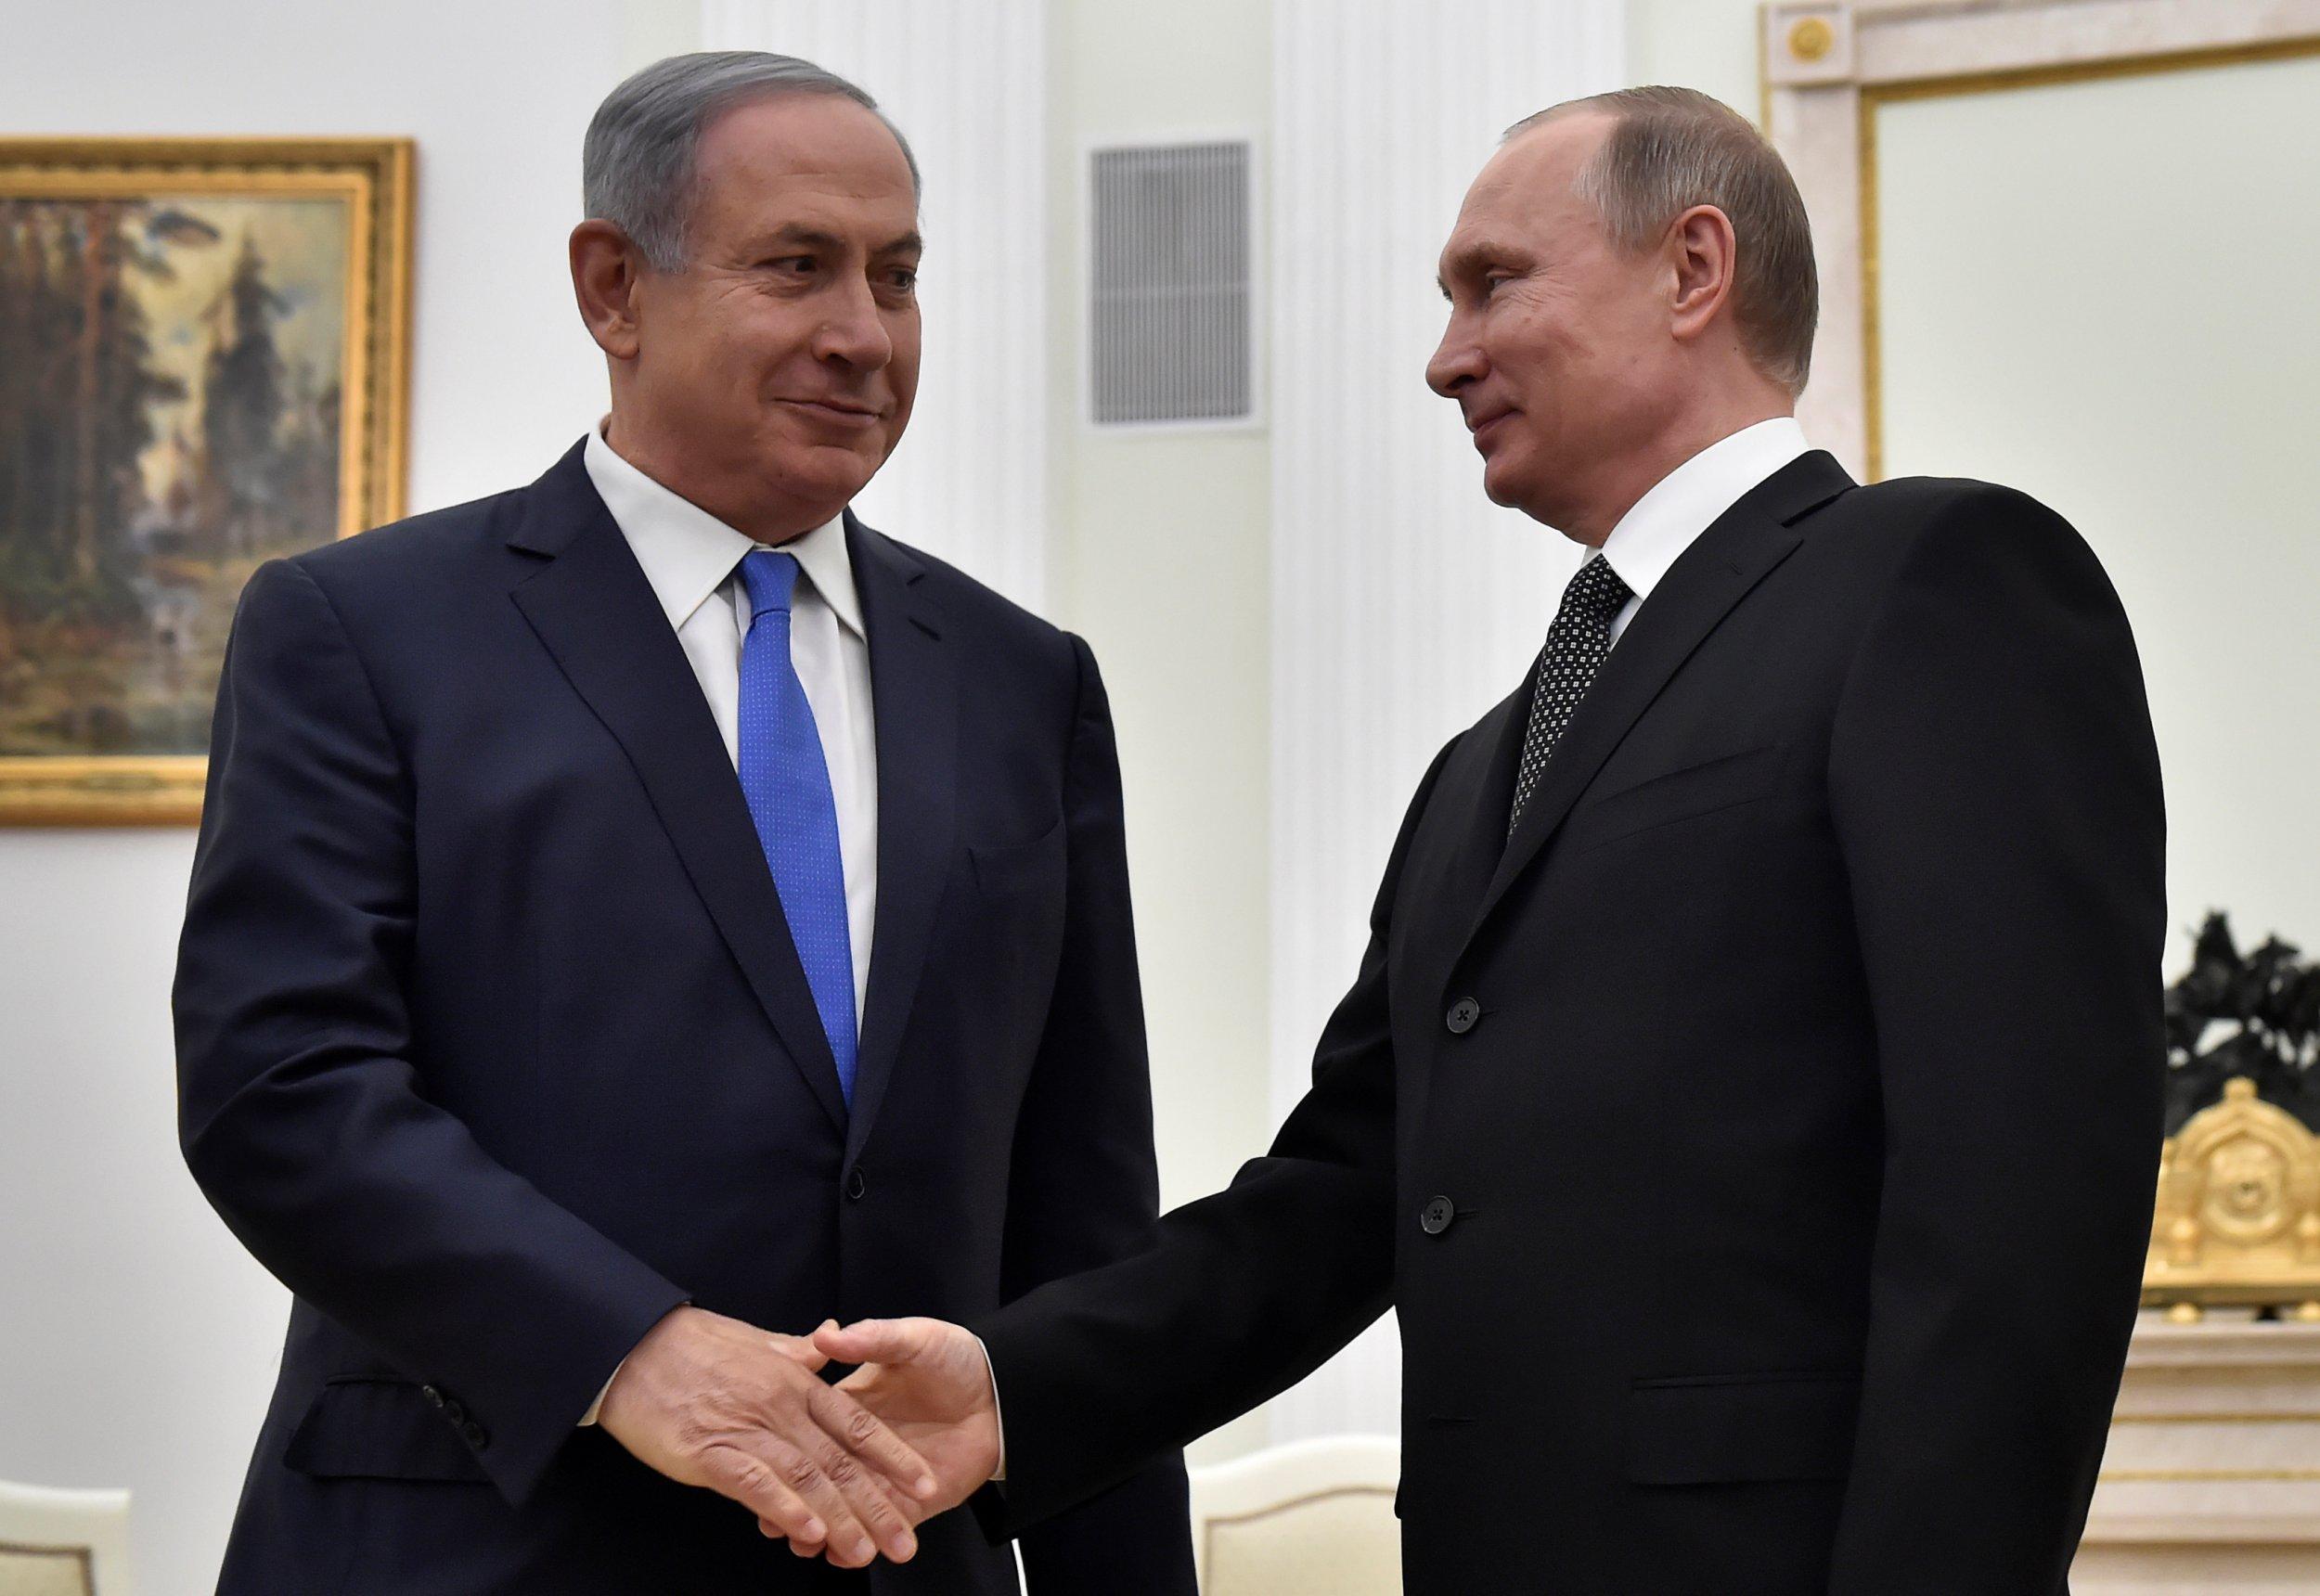 Netanyahu and Putin